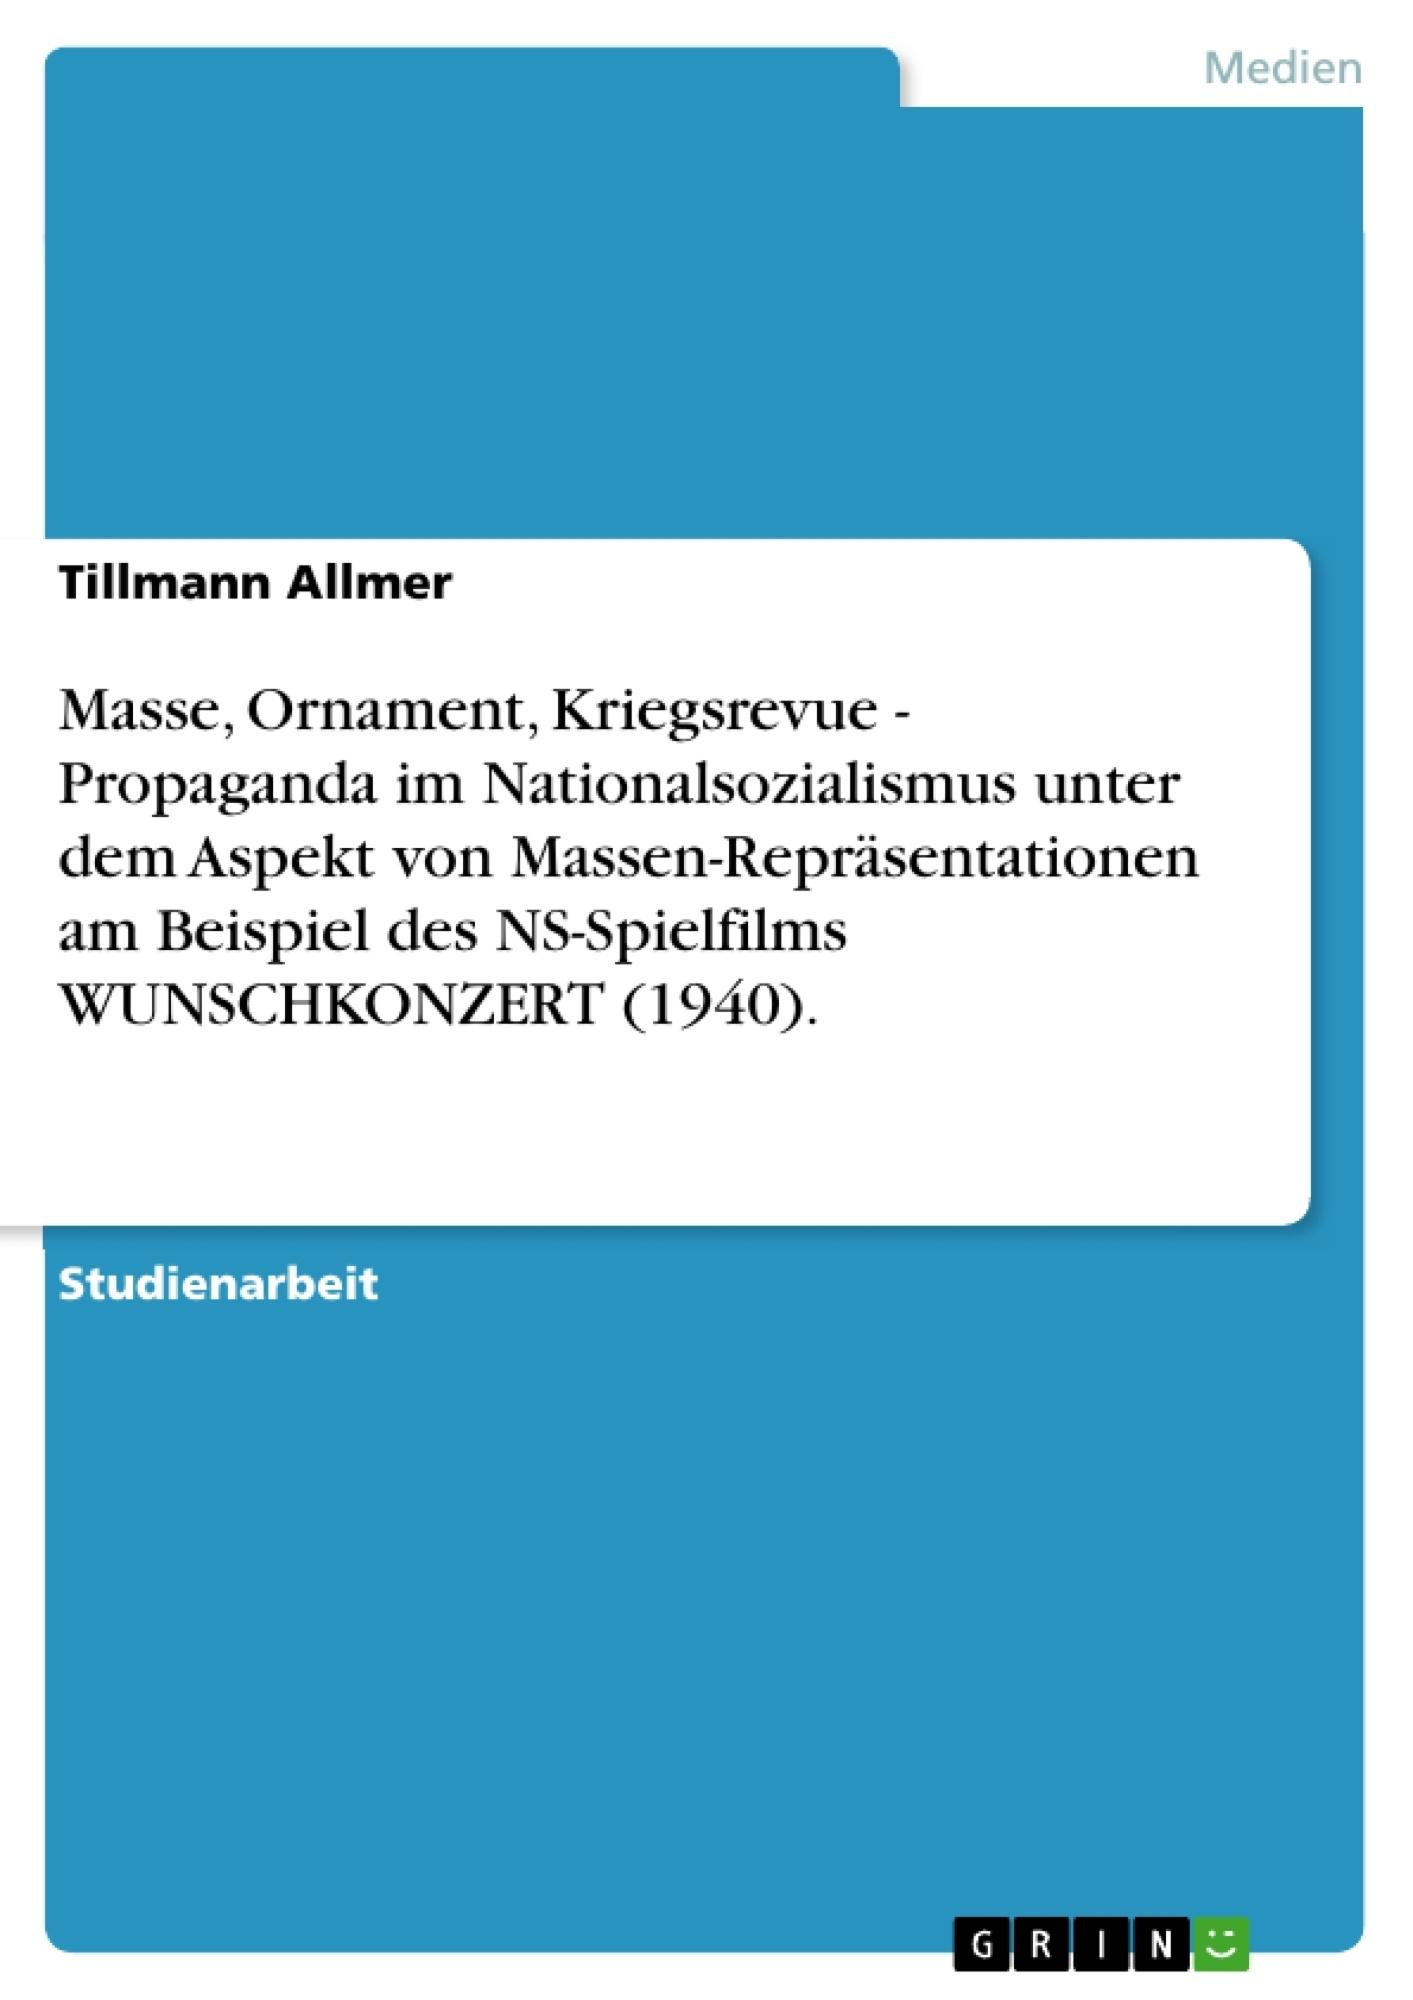 Titel: Masse, Ornament, Kriegsrevue - Propaganda im Nationalsozialismus unter dem Aspekt von Massen-Repräsentationen am Beispiel des NS-Spielfilms WUNSCHKONZERT (1940).